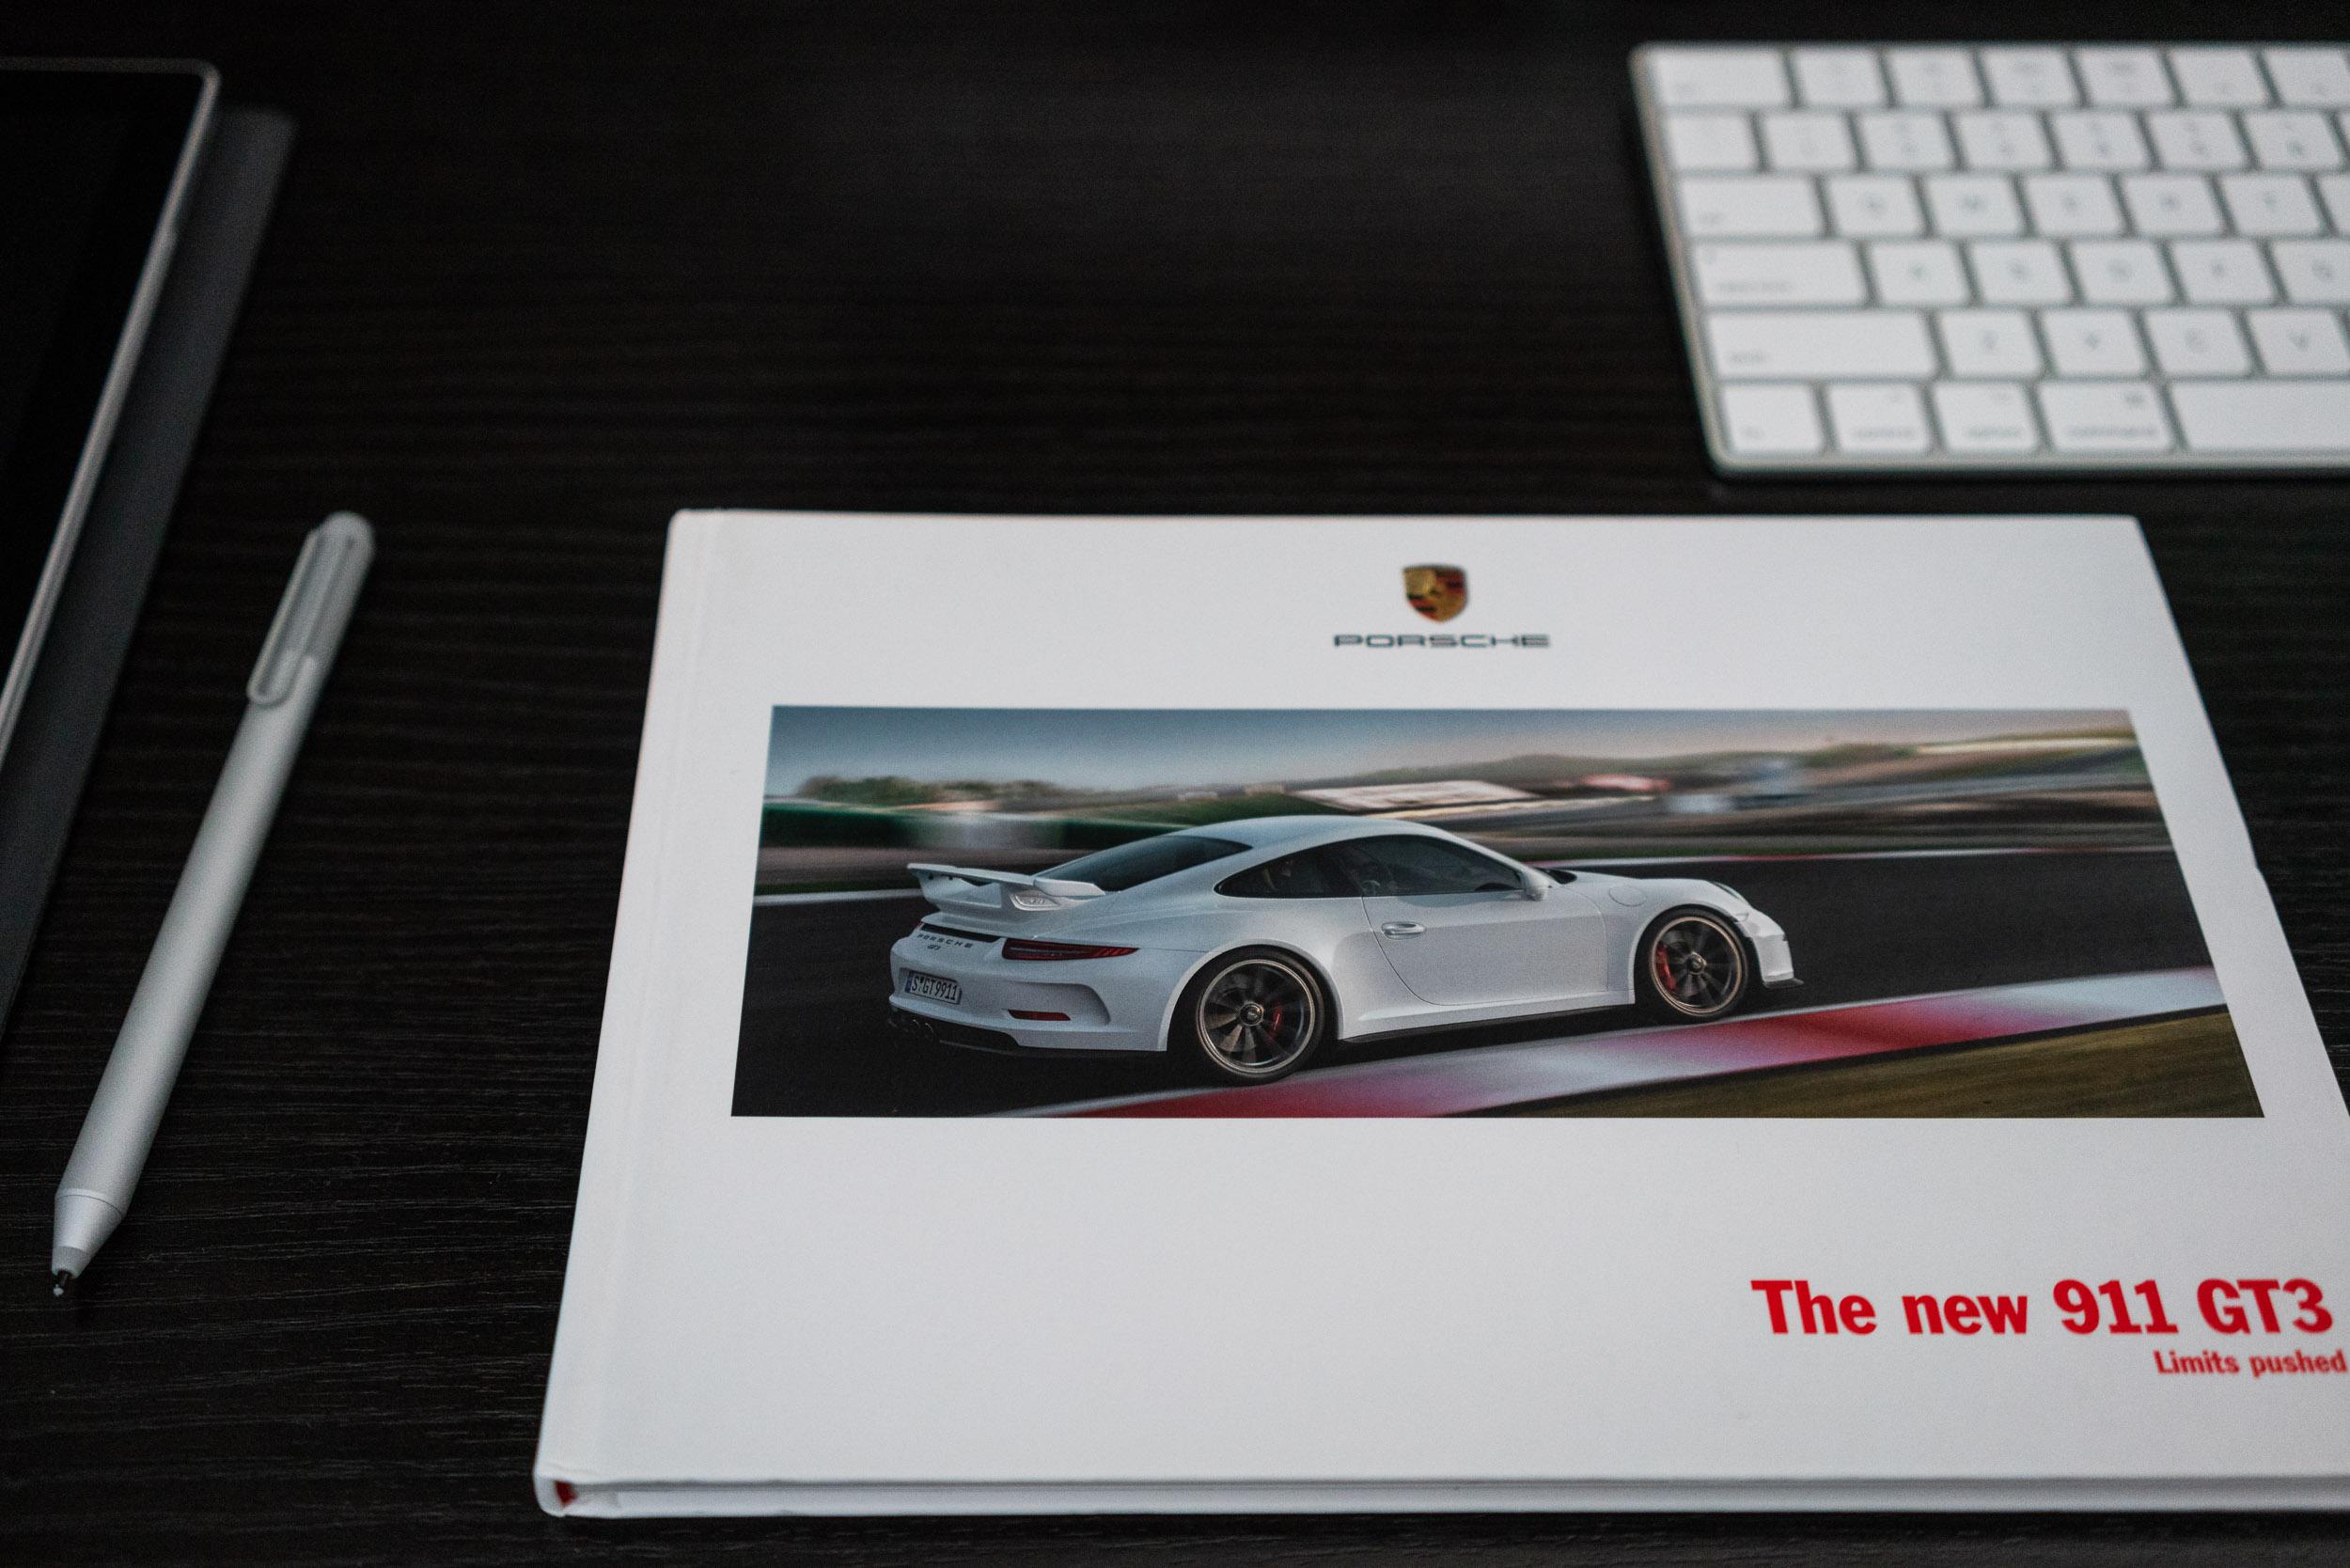 991-gt3-brochure.jpg